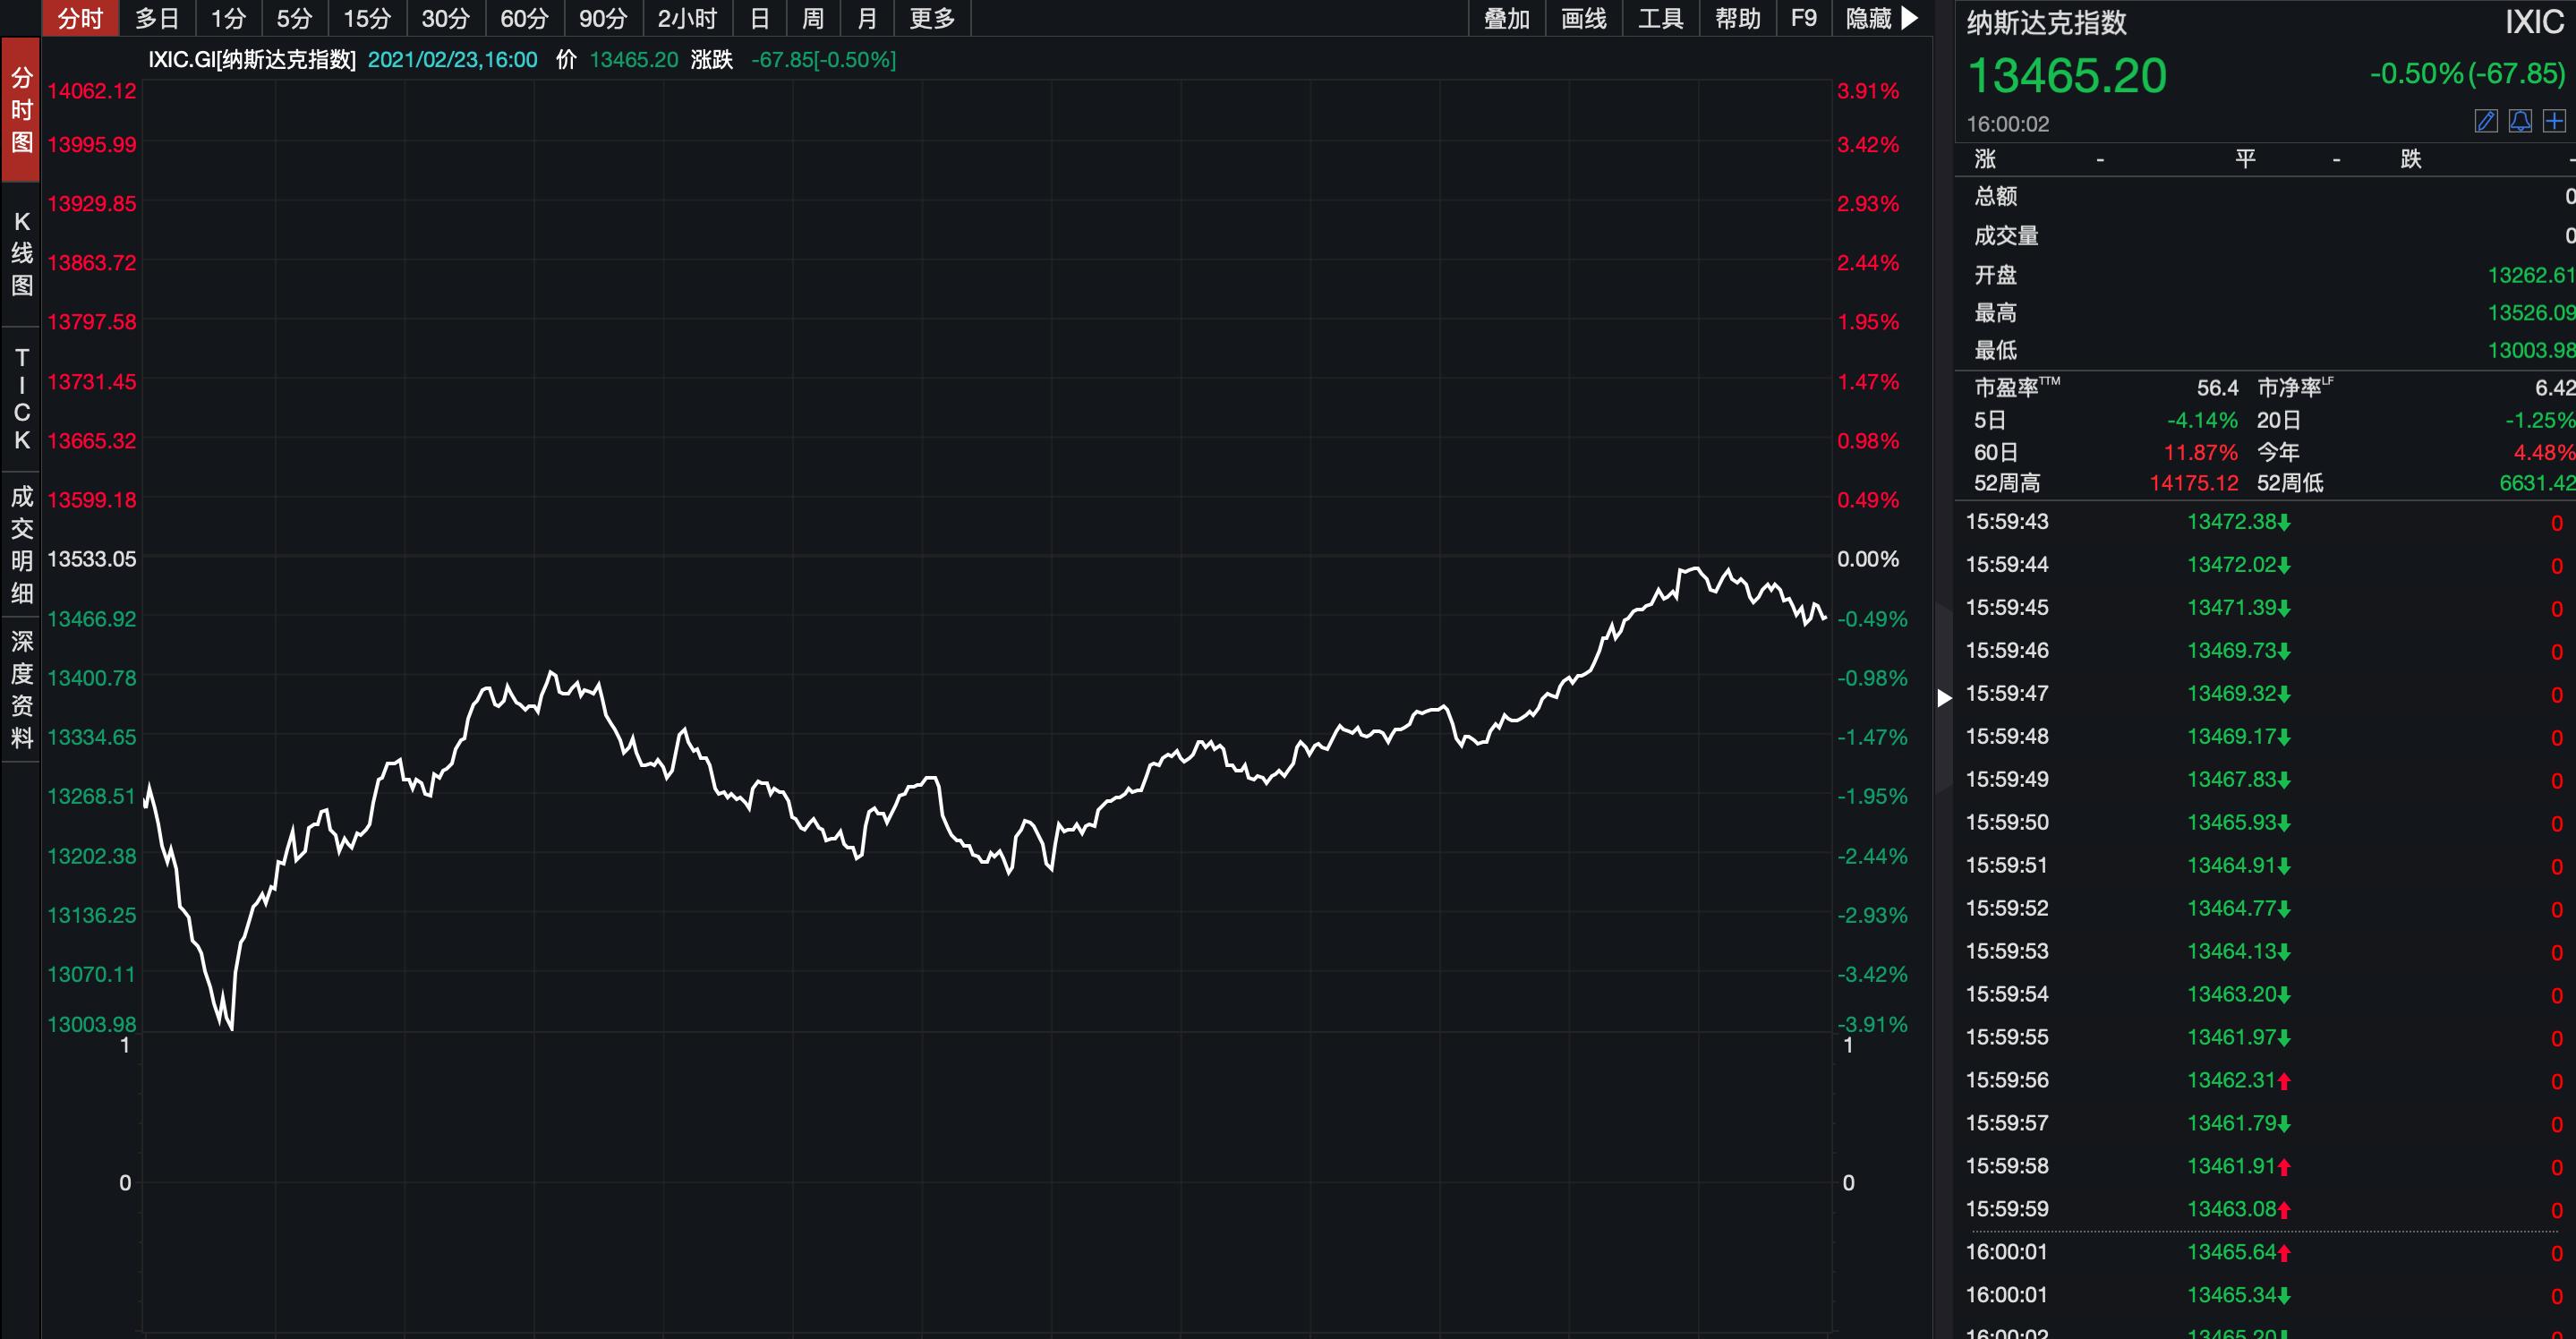 美股惊魂一夜!纳指一度大跌4%,鲍威尔重磅发声,三大指数深V反转!比特币单日狂跌1万美元,33万人爆仓,160亿资金成炮灰